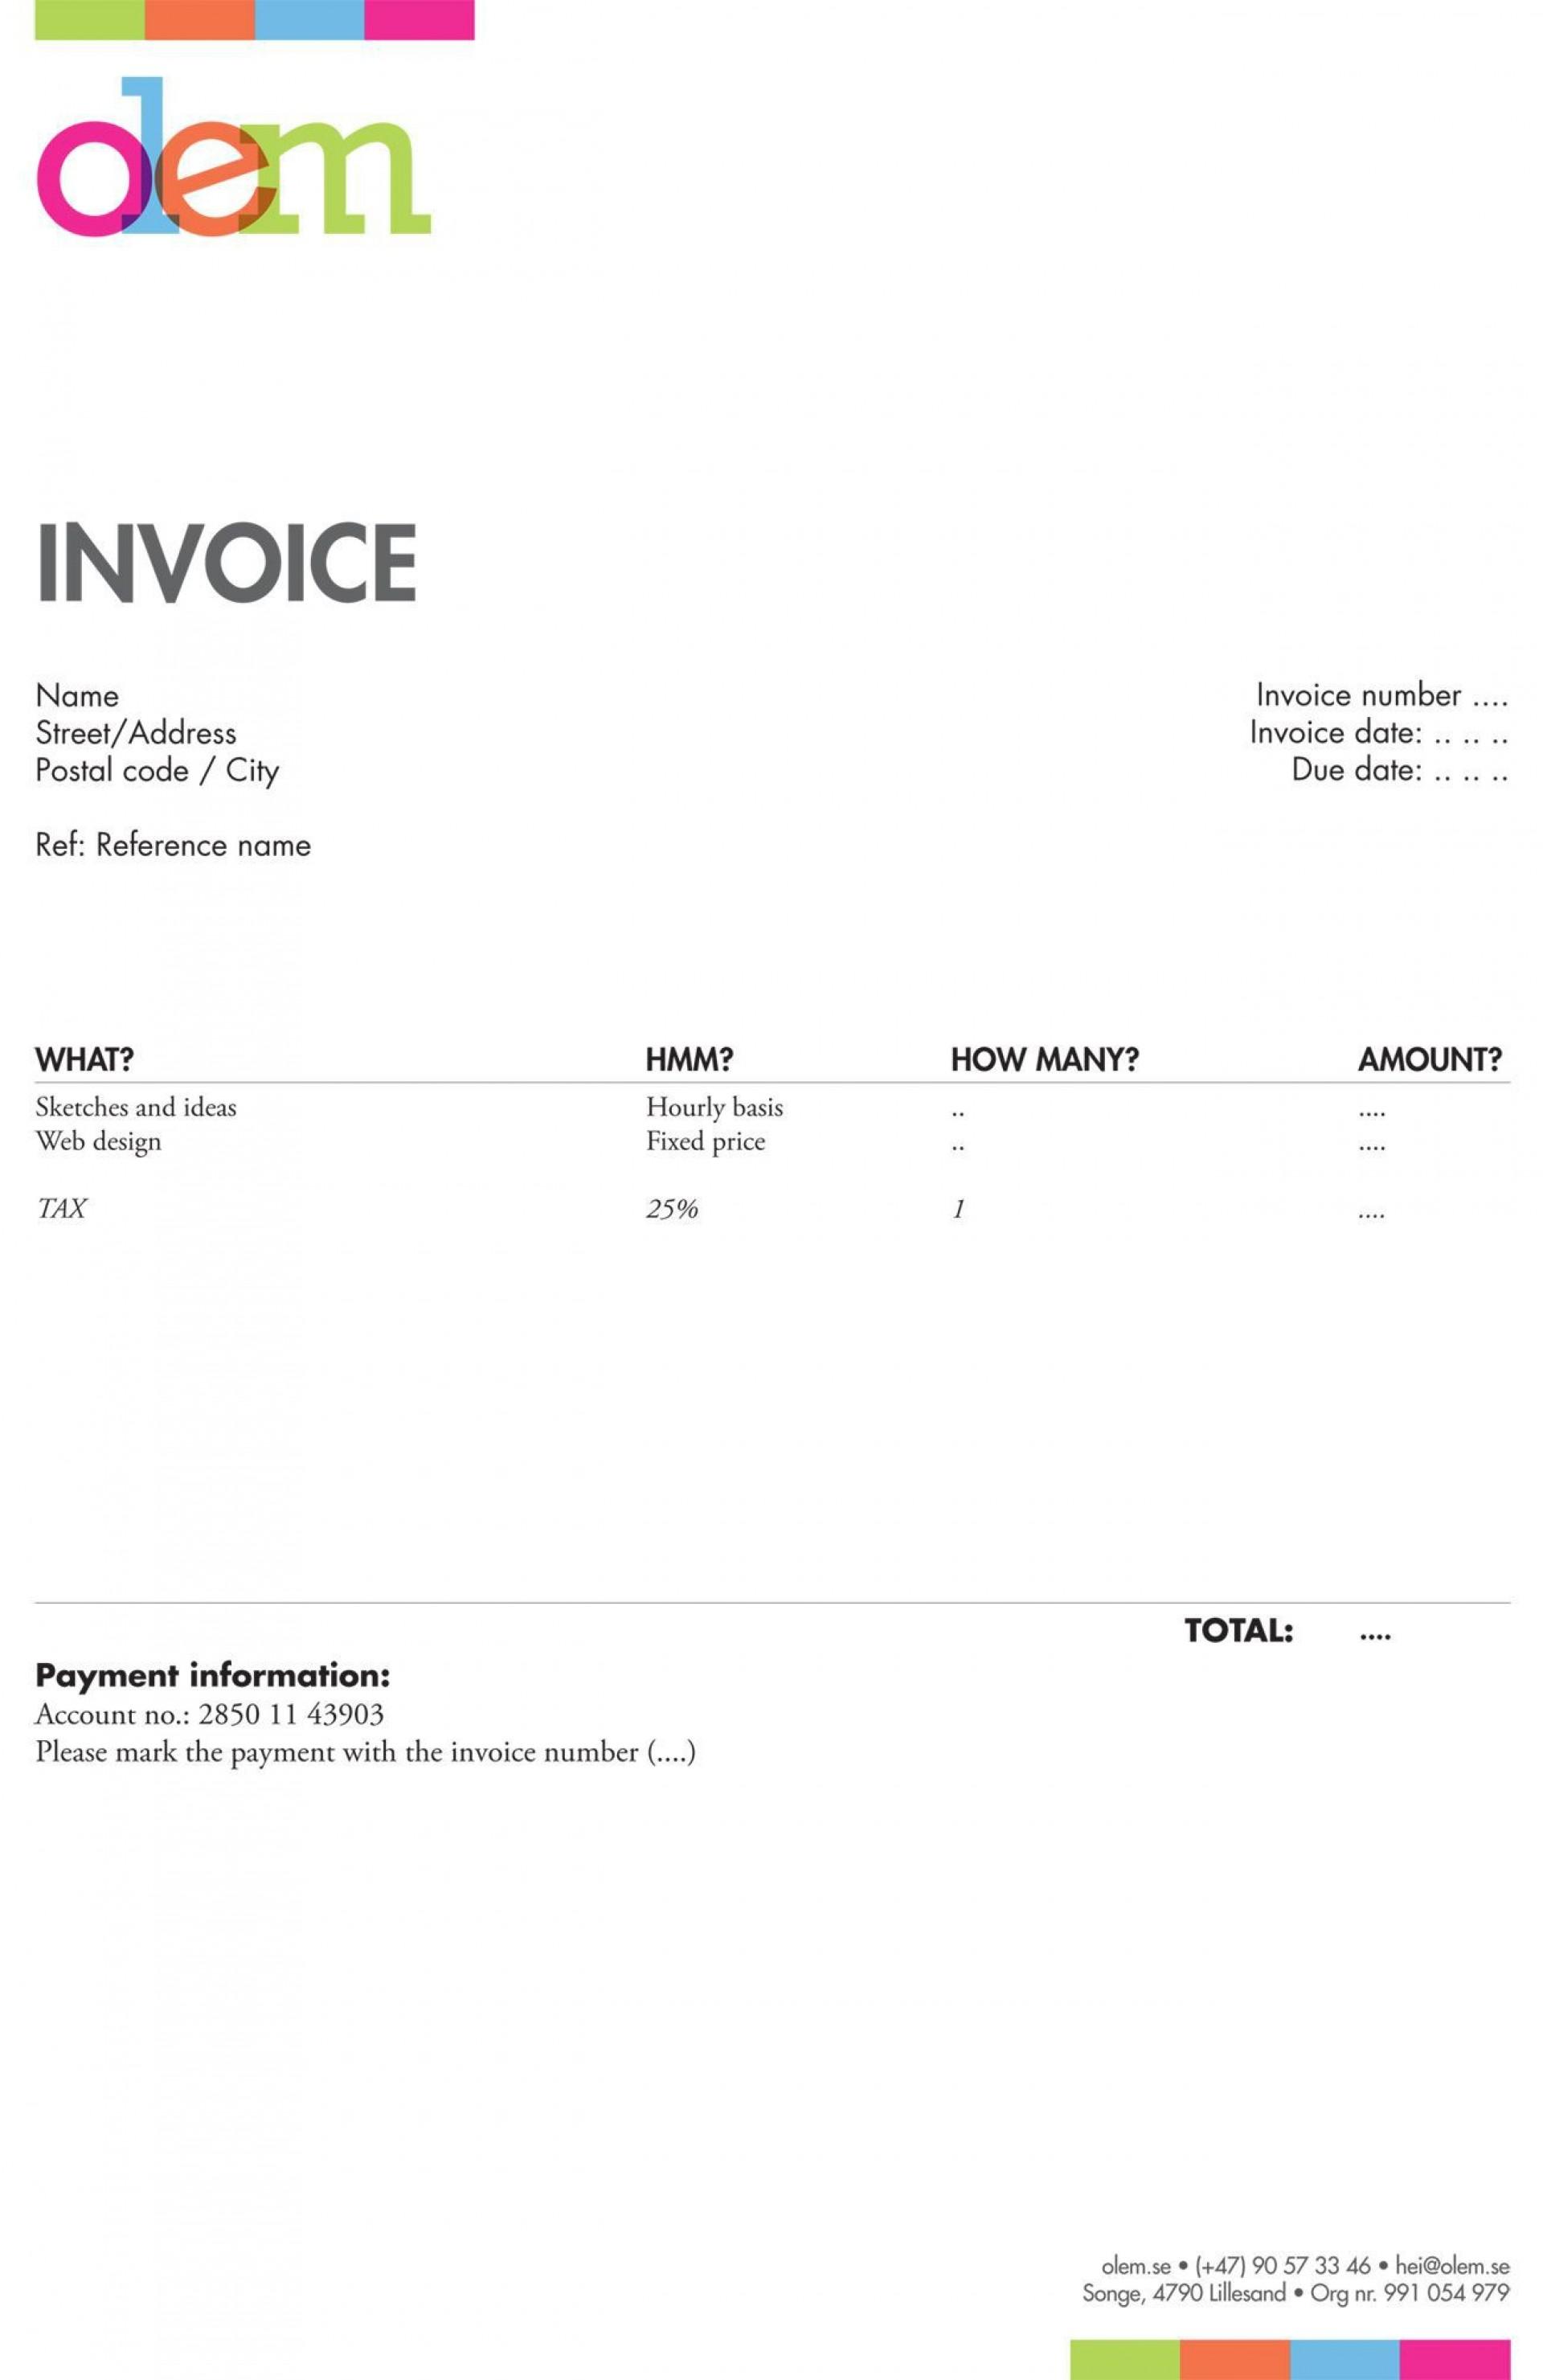 005 Rare Freelance Graphic Designer Invoice Sample Highest Clarity 1920